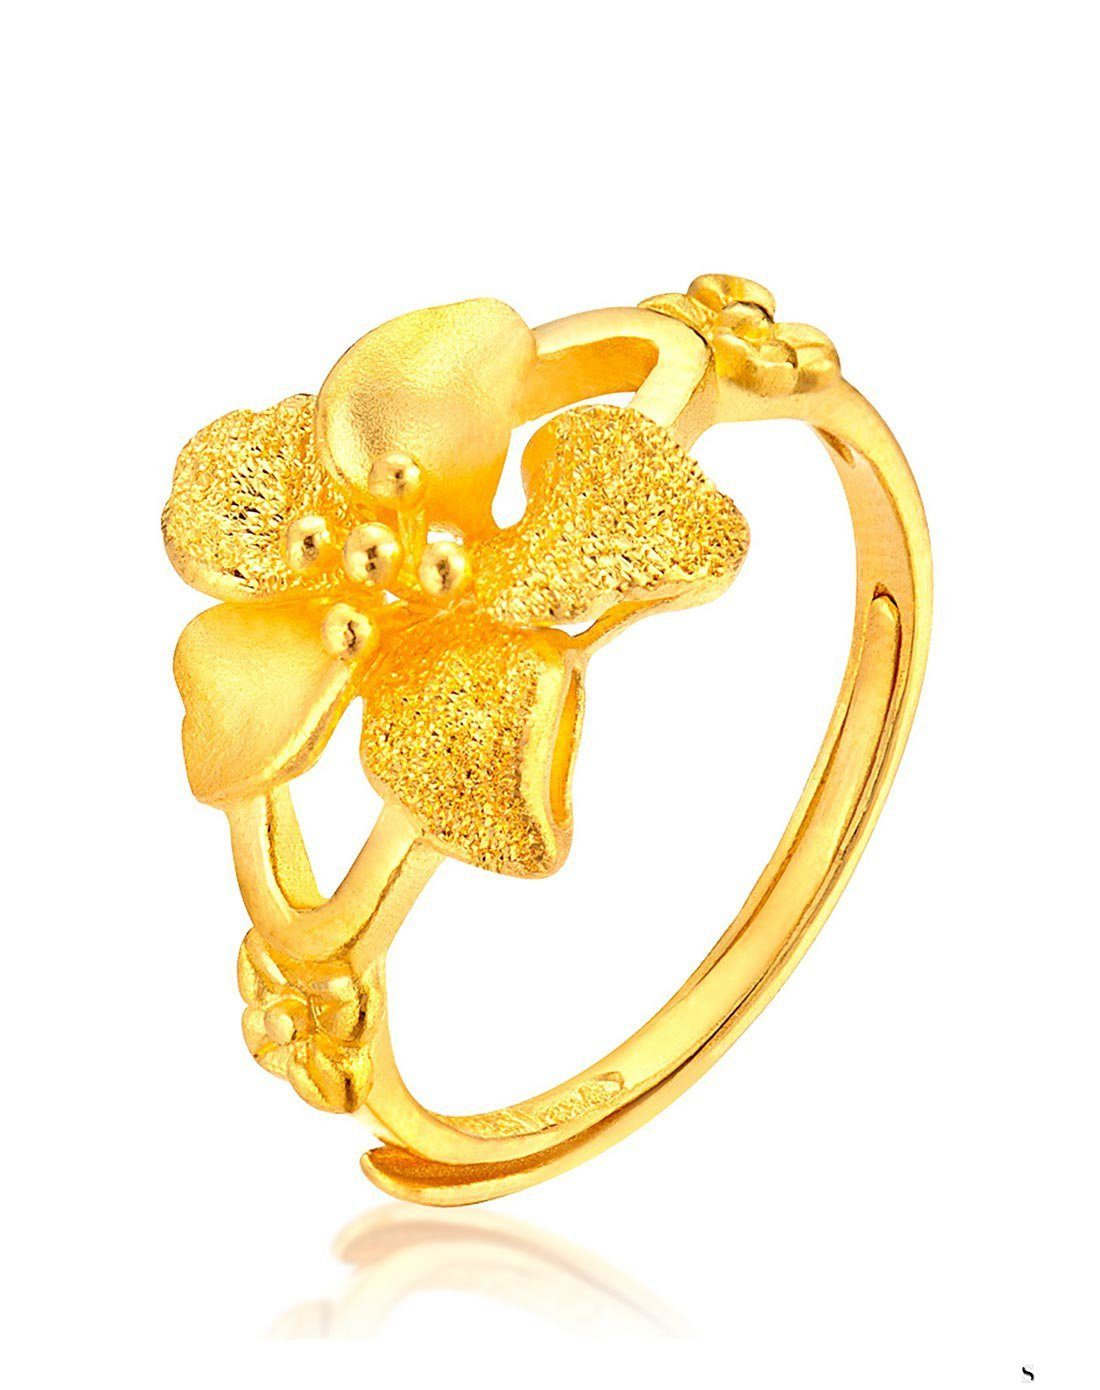 长沙千足金黄金项链回收价格是多少?